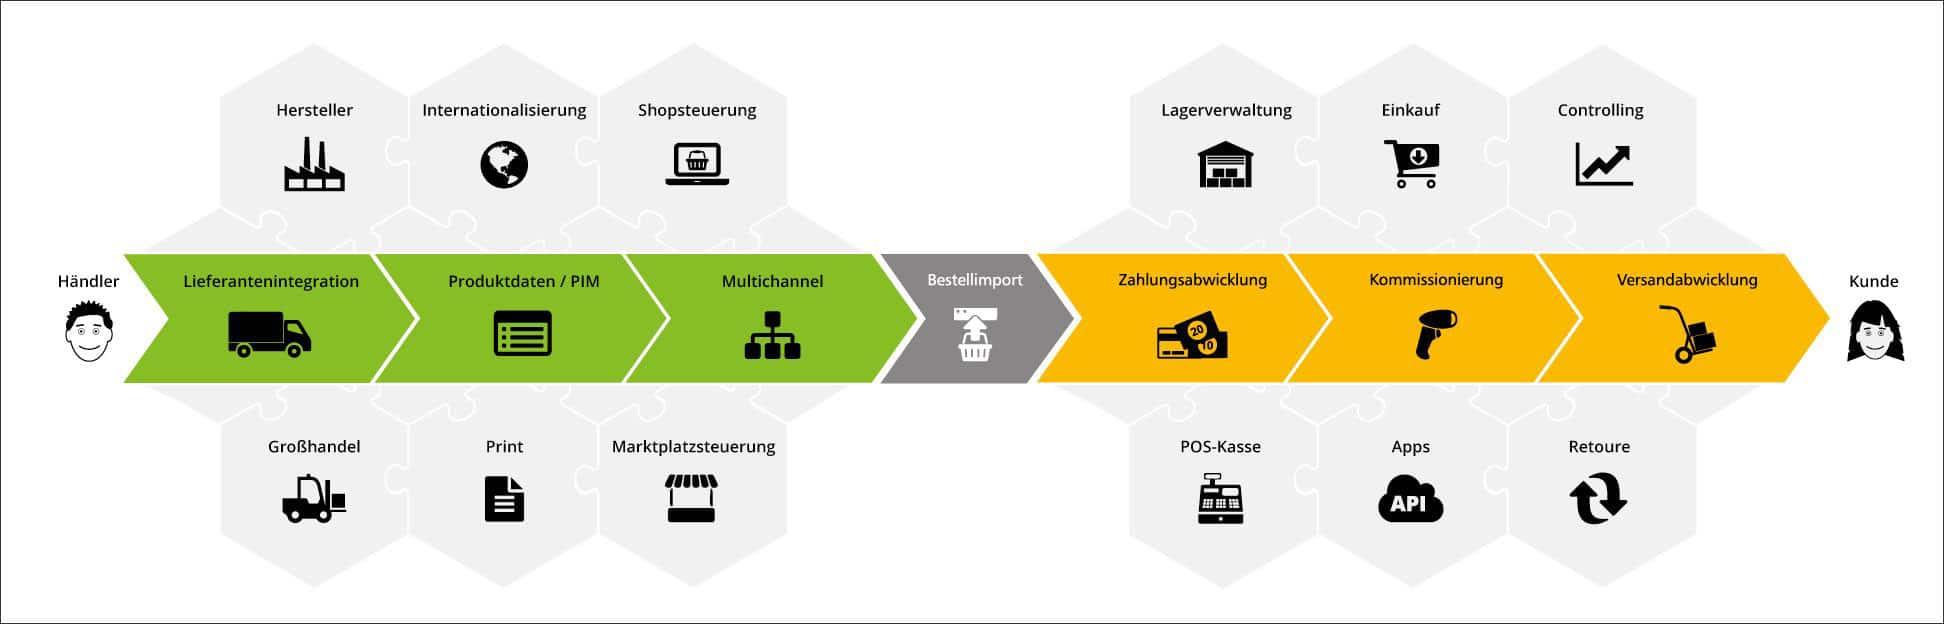 Vollständiger Prozess des e-Commerce vom Hersteller bis Logistik